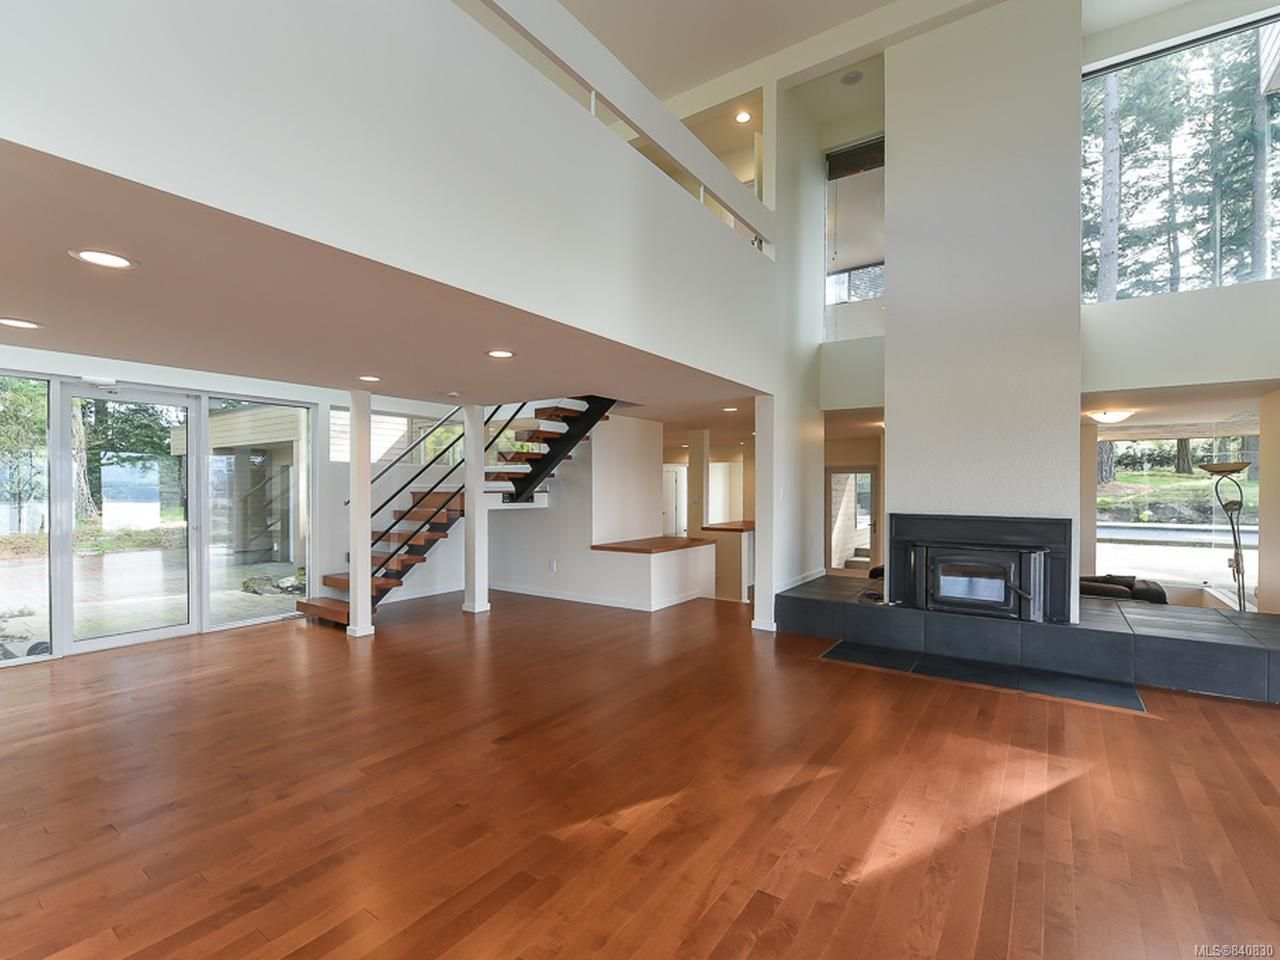 Photo 6: Photos: 1156 Moore Rd in COMOX: CV Comox Peninsula House for sale (Comox Valley)  : MLS®# 840830